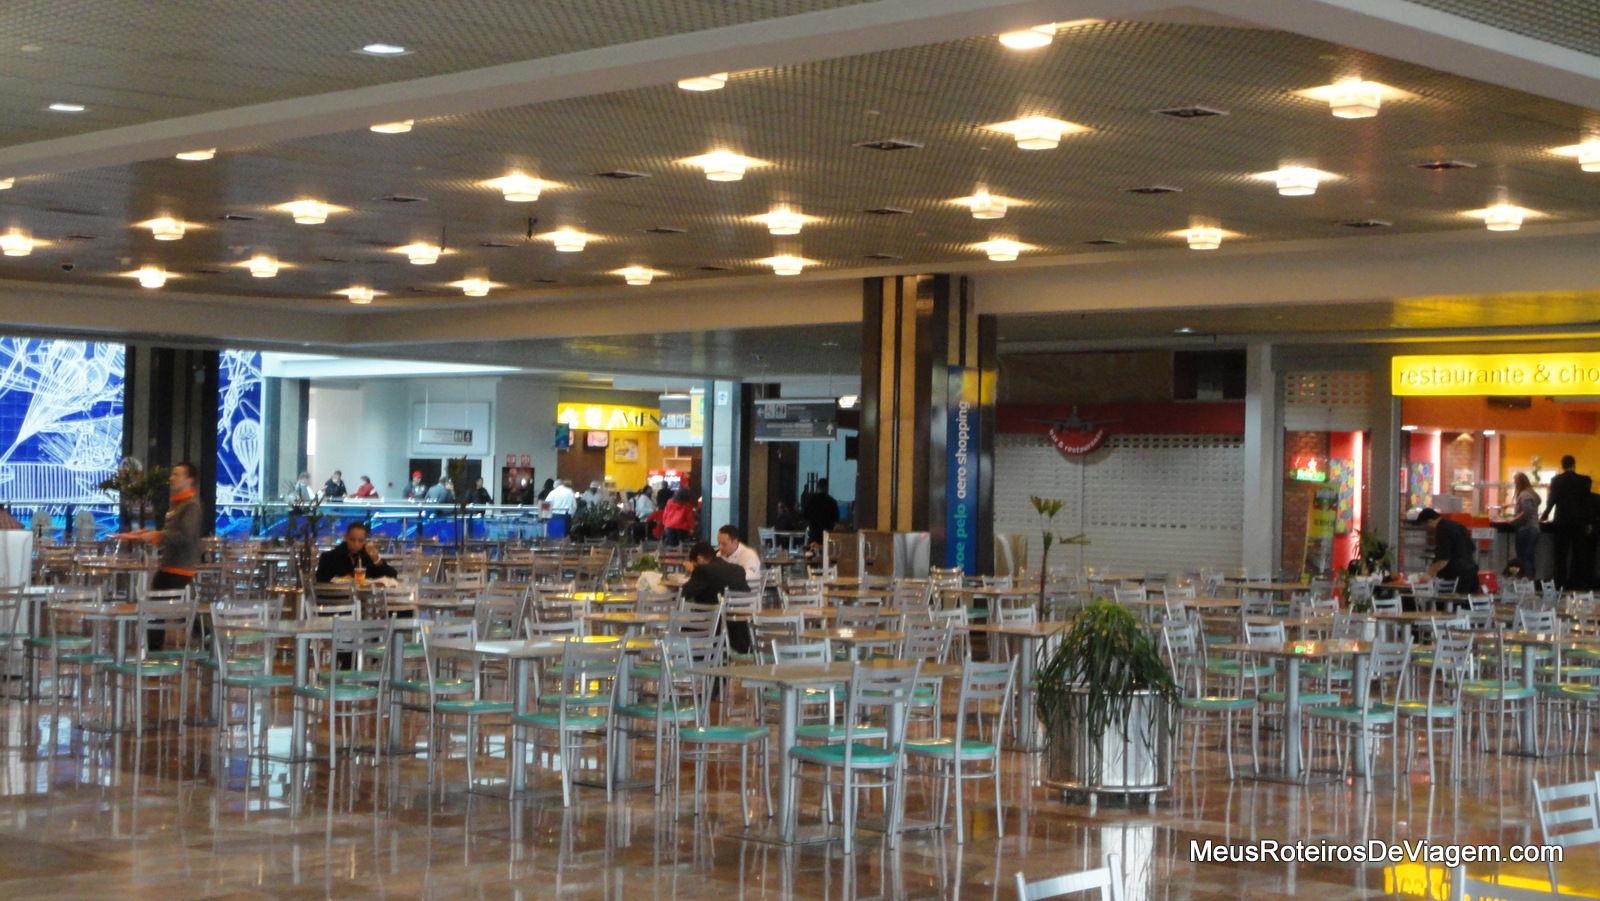 #AD7C1E Conexão no Aeroporto de Porto Alegre Meus Roteiros de Viagem 828 Loja De Janelas De Aluminio Em Porto Alegre